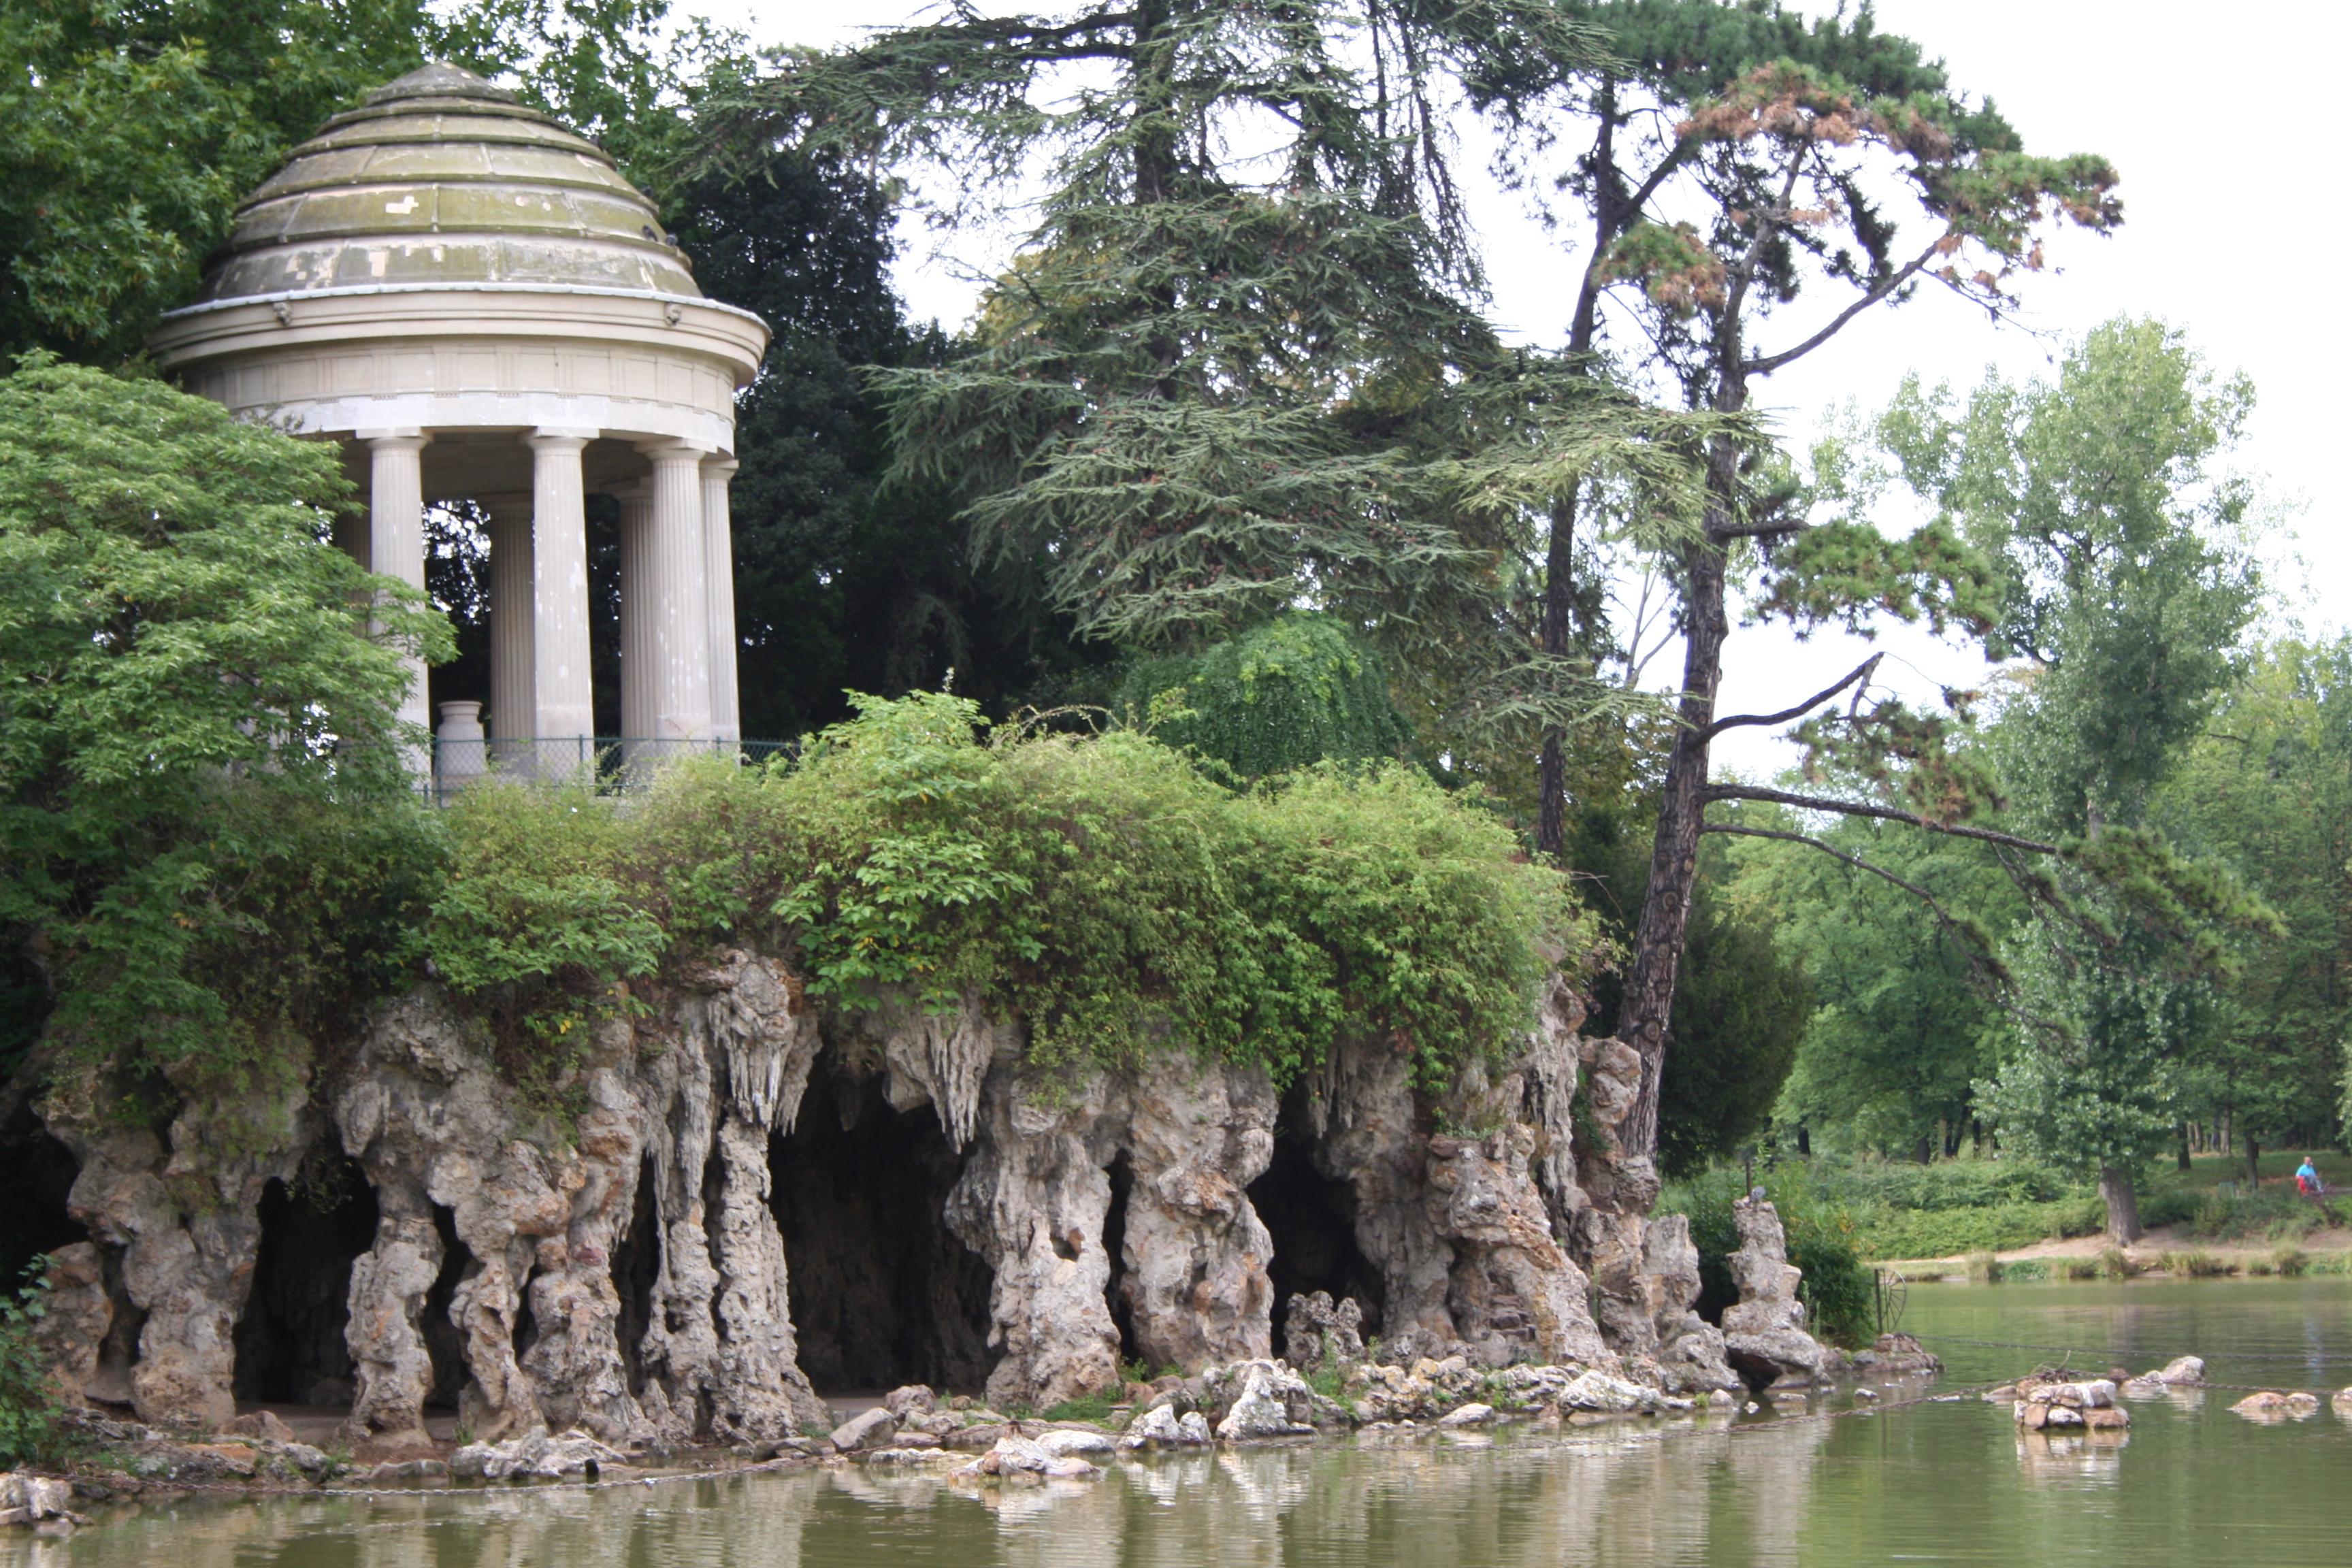 RÉOUVERTURE : l'espace naturiste du Bois de Vincennes est de retour !